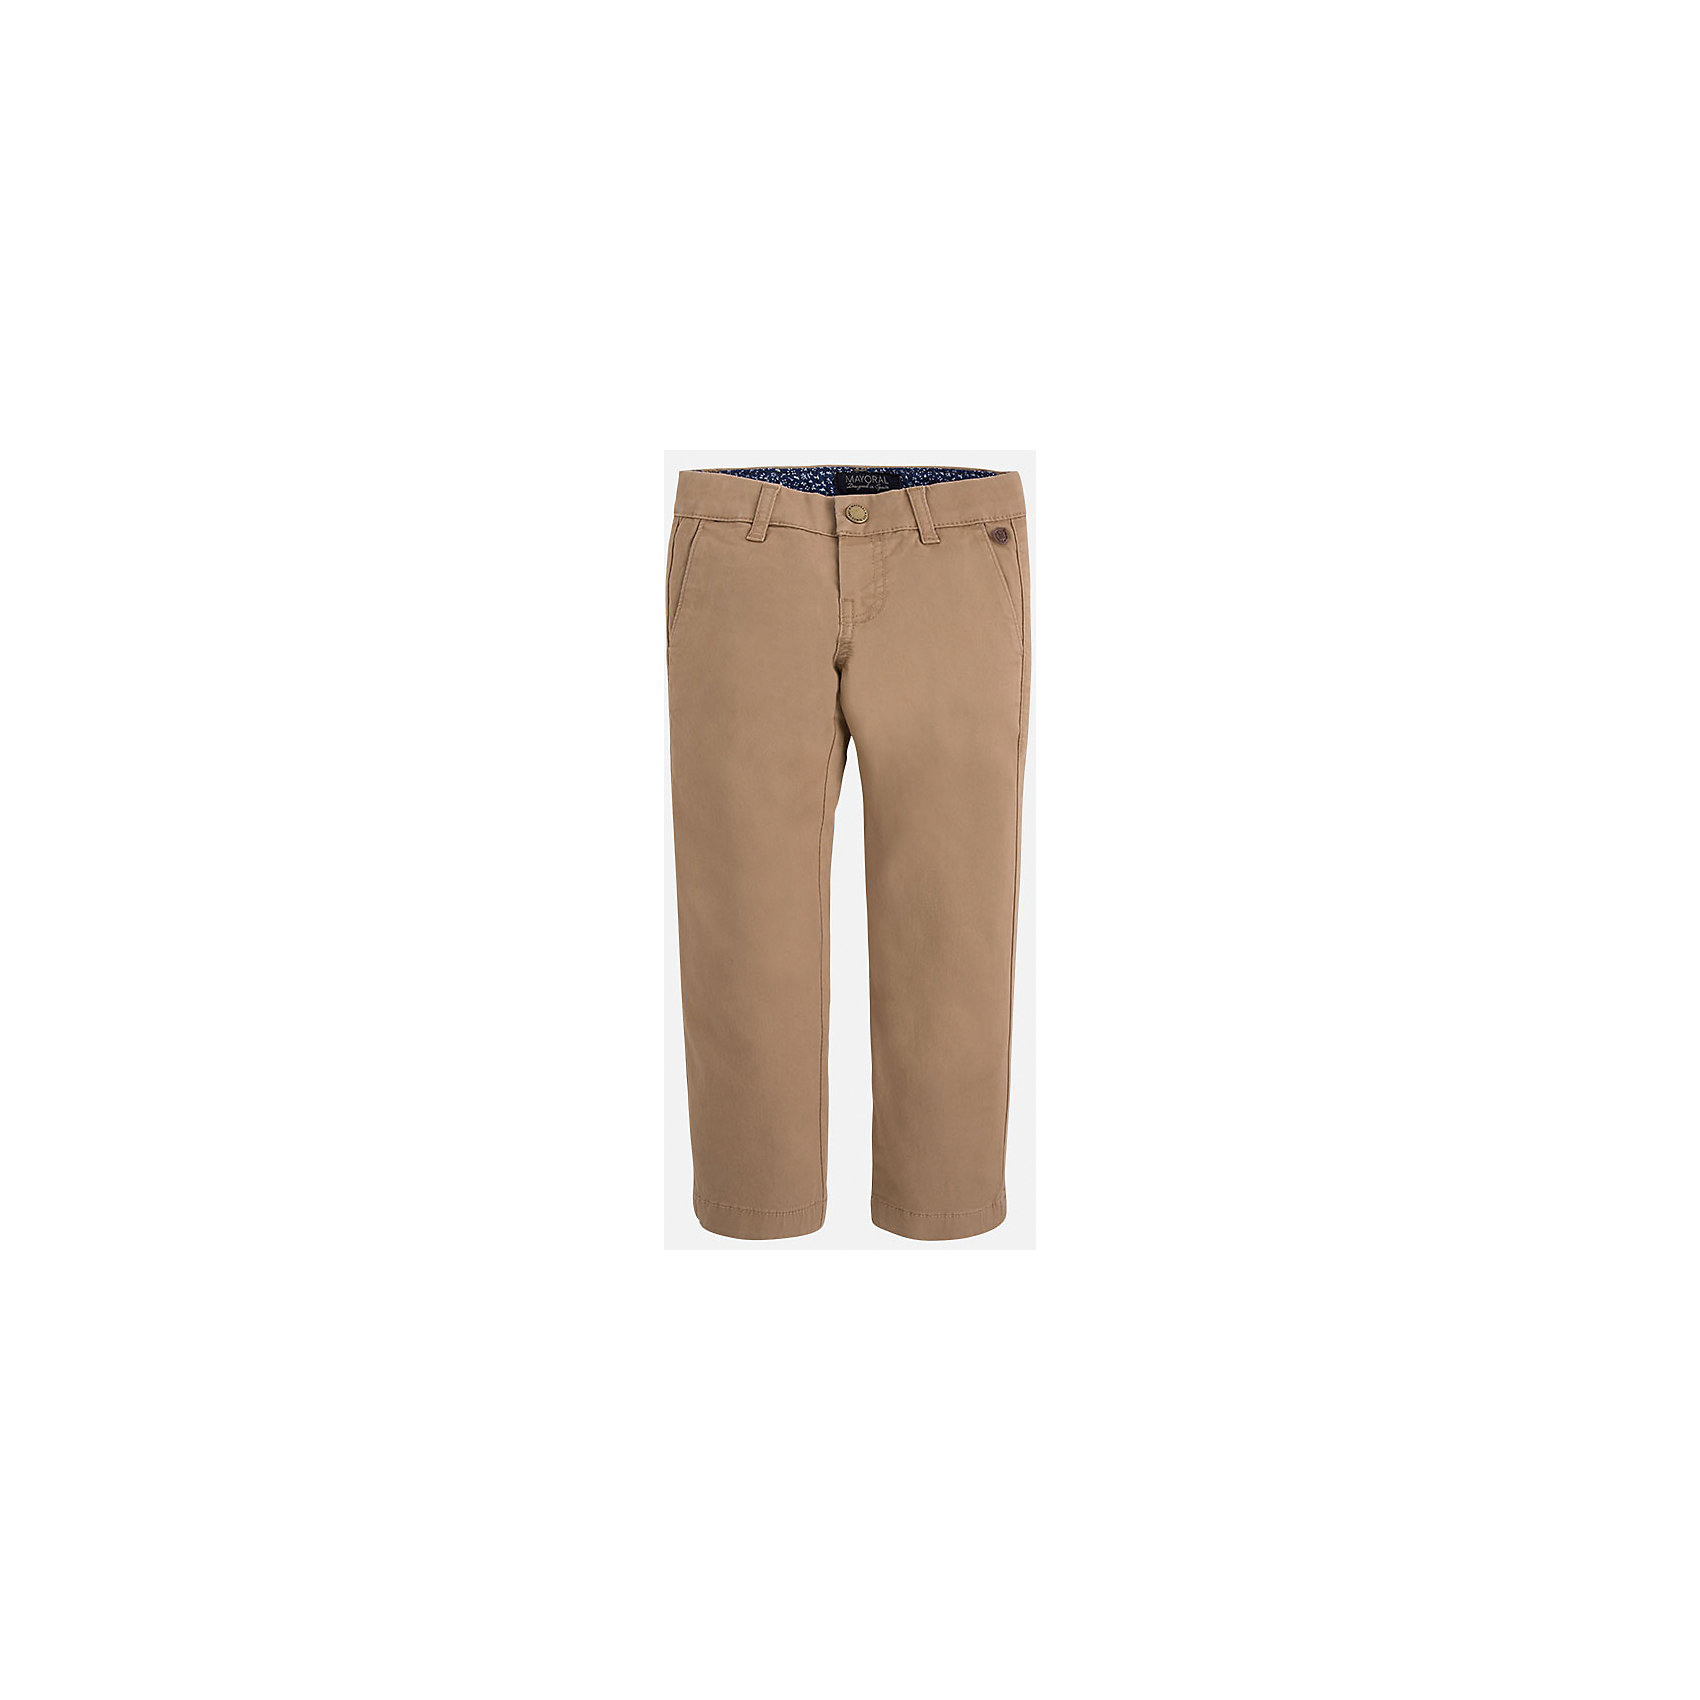 Брюки для мальчика MayoralБрюки<br>Хорошие, качественные брюки - это необходимый атрибут в гардеробе каждого человека!<br><br>Дополнительная информация:<br><br>- Крой: классический крой (Regular fit).<br>- Страна бренда: Испания.<br>- Состав: хлопок 98%, эластан 2%.<br>- Цвет: вишневый.<br>- Уход: бережная стирка при 30 градусах.<br><br>Купить брюки для мальчика Mayoral можно в нашем магазине.<br><br>Ширина мм: 215<br>Глубина мм: 88<br>Высота мм: 191<br>Вес г: 336<br>Цвет: бежевый<br>Возраст от месяцев: 96<br>Возраст до месяцев: 108<br>Пол: Мужской<br>Возраст: Детский<br>Размер: 128,104,122,116,110,98,134<br>SKU: 4826663